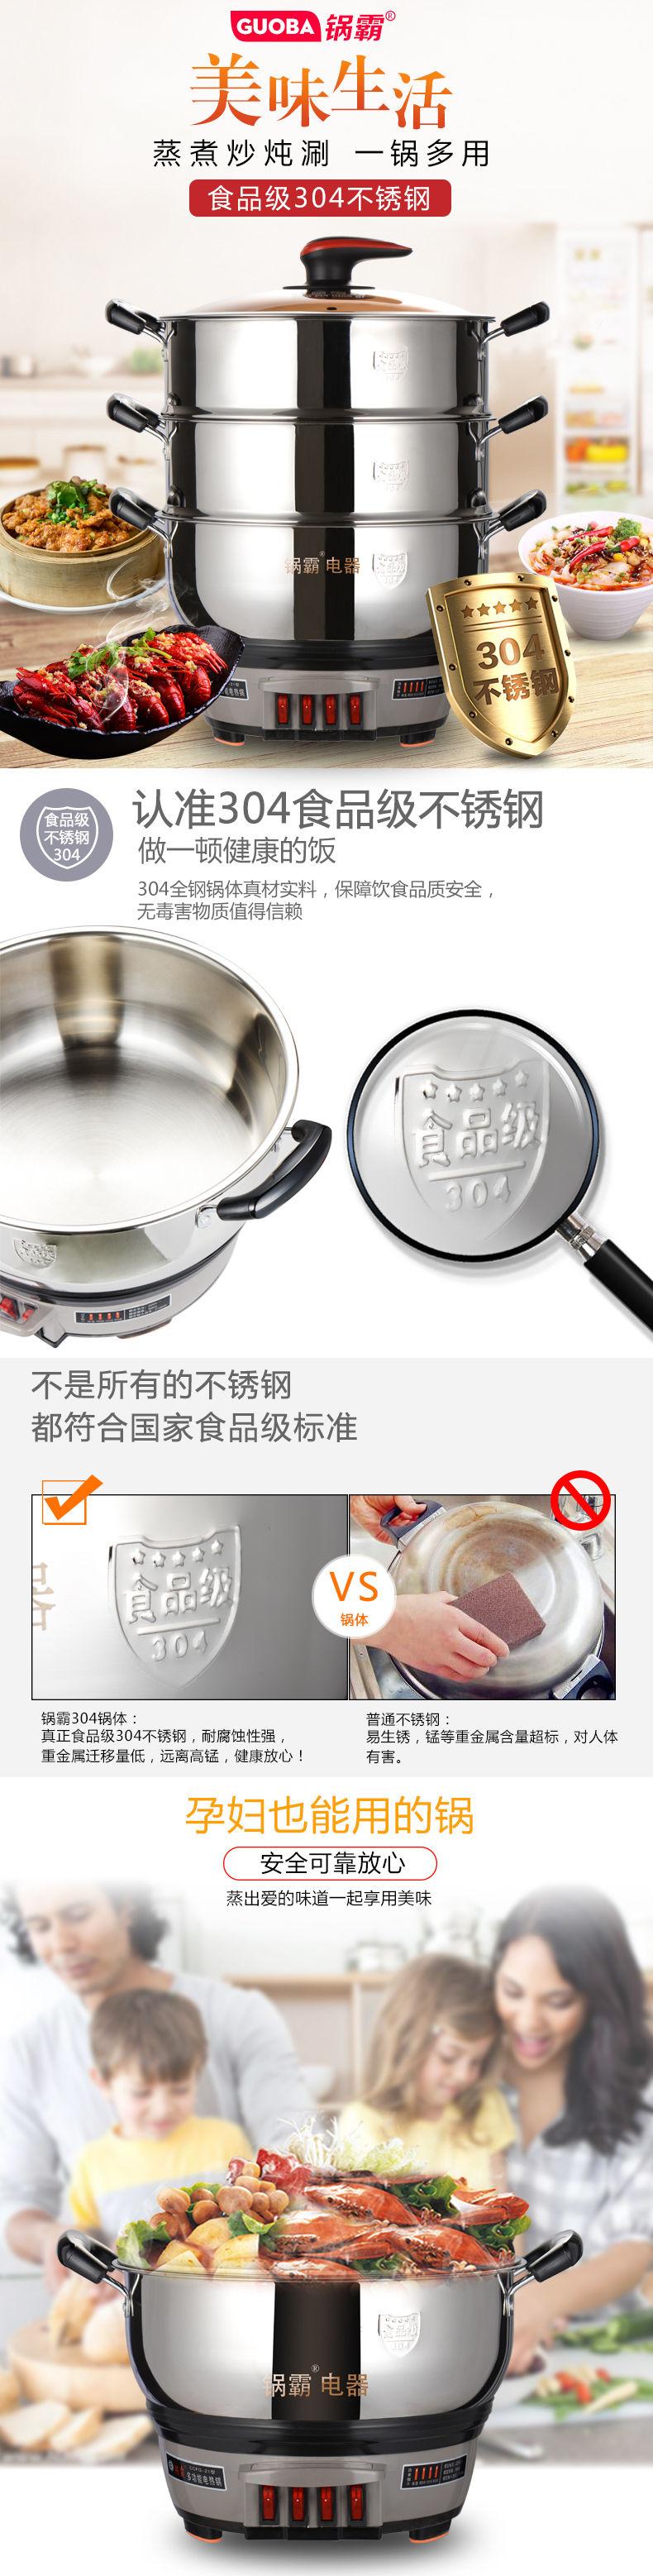 电热锅 厨房电器详情页